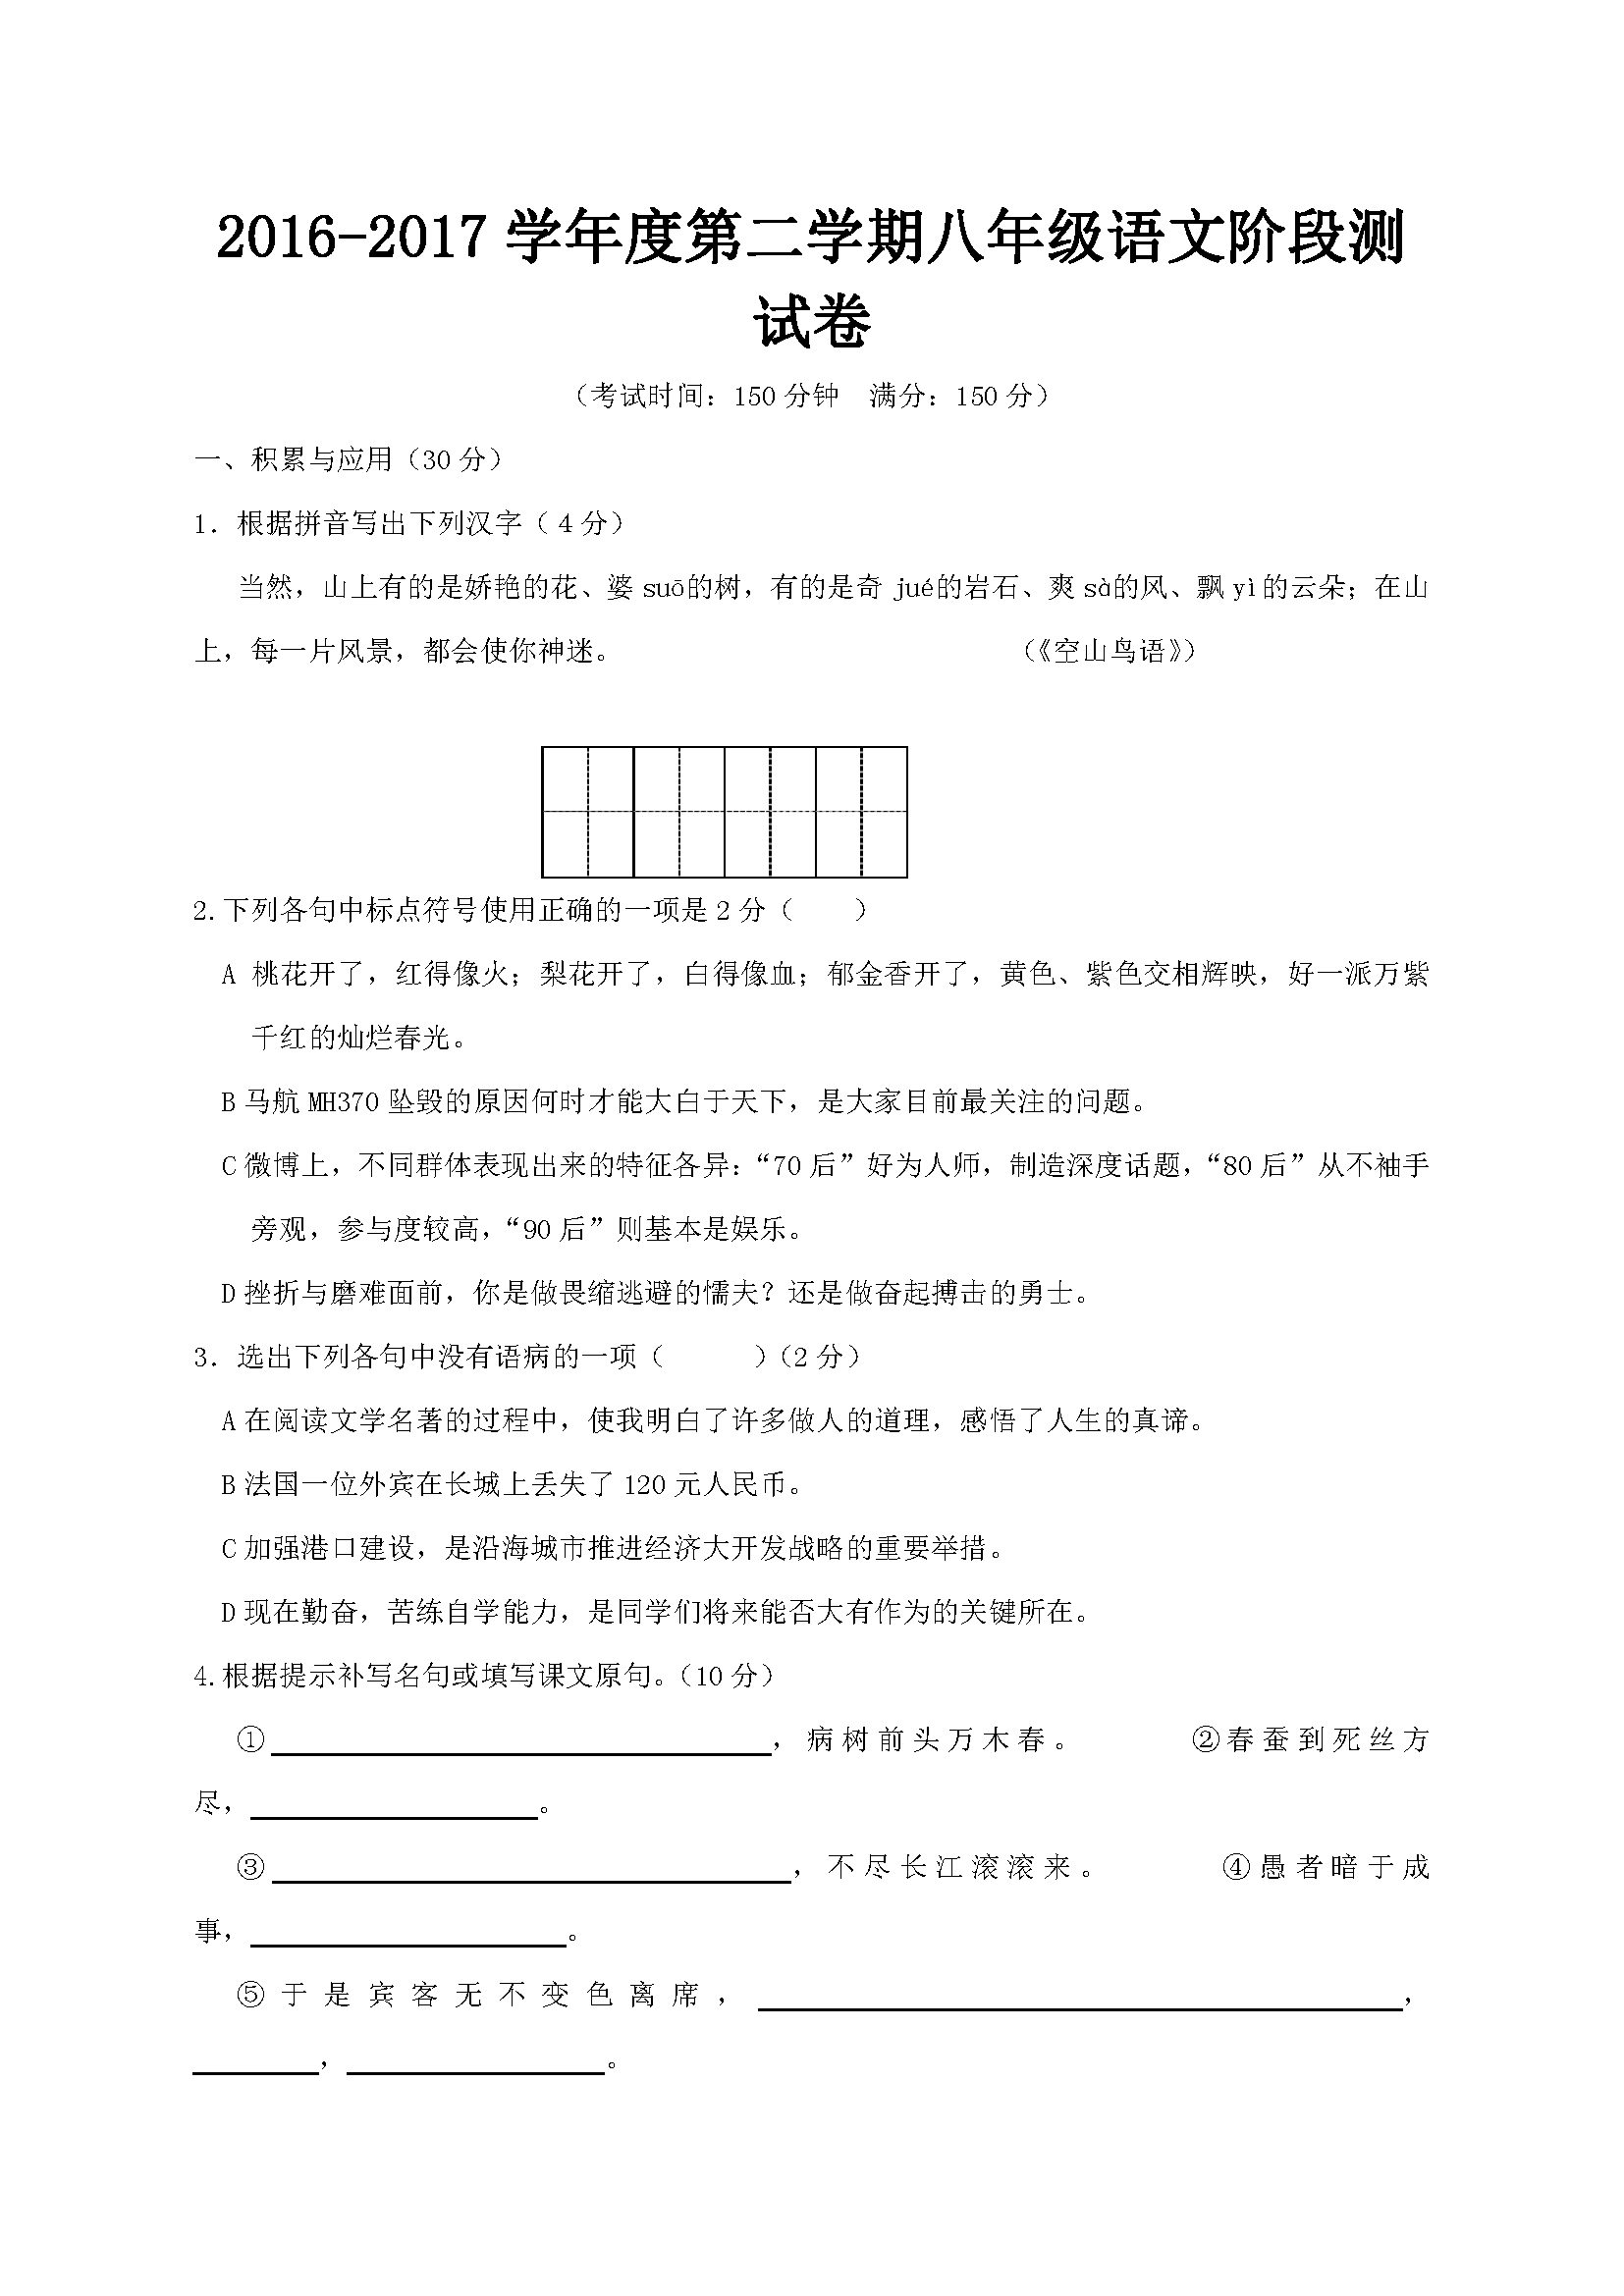 江苏泰州姜堰实验初级中学2016-2017学年八年级下第二次月考语文试题 (图片版)